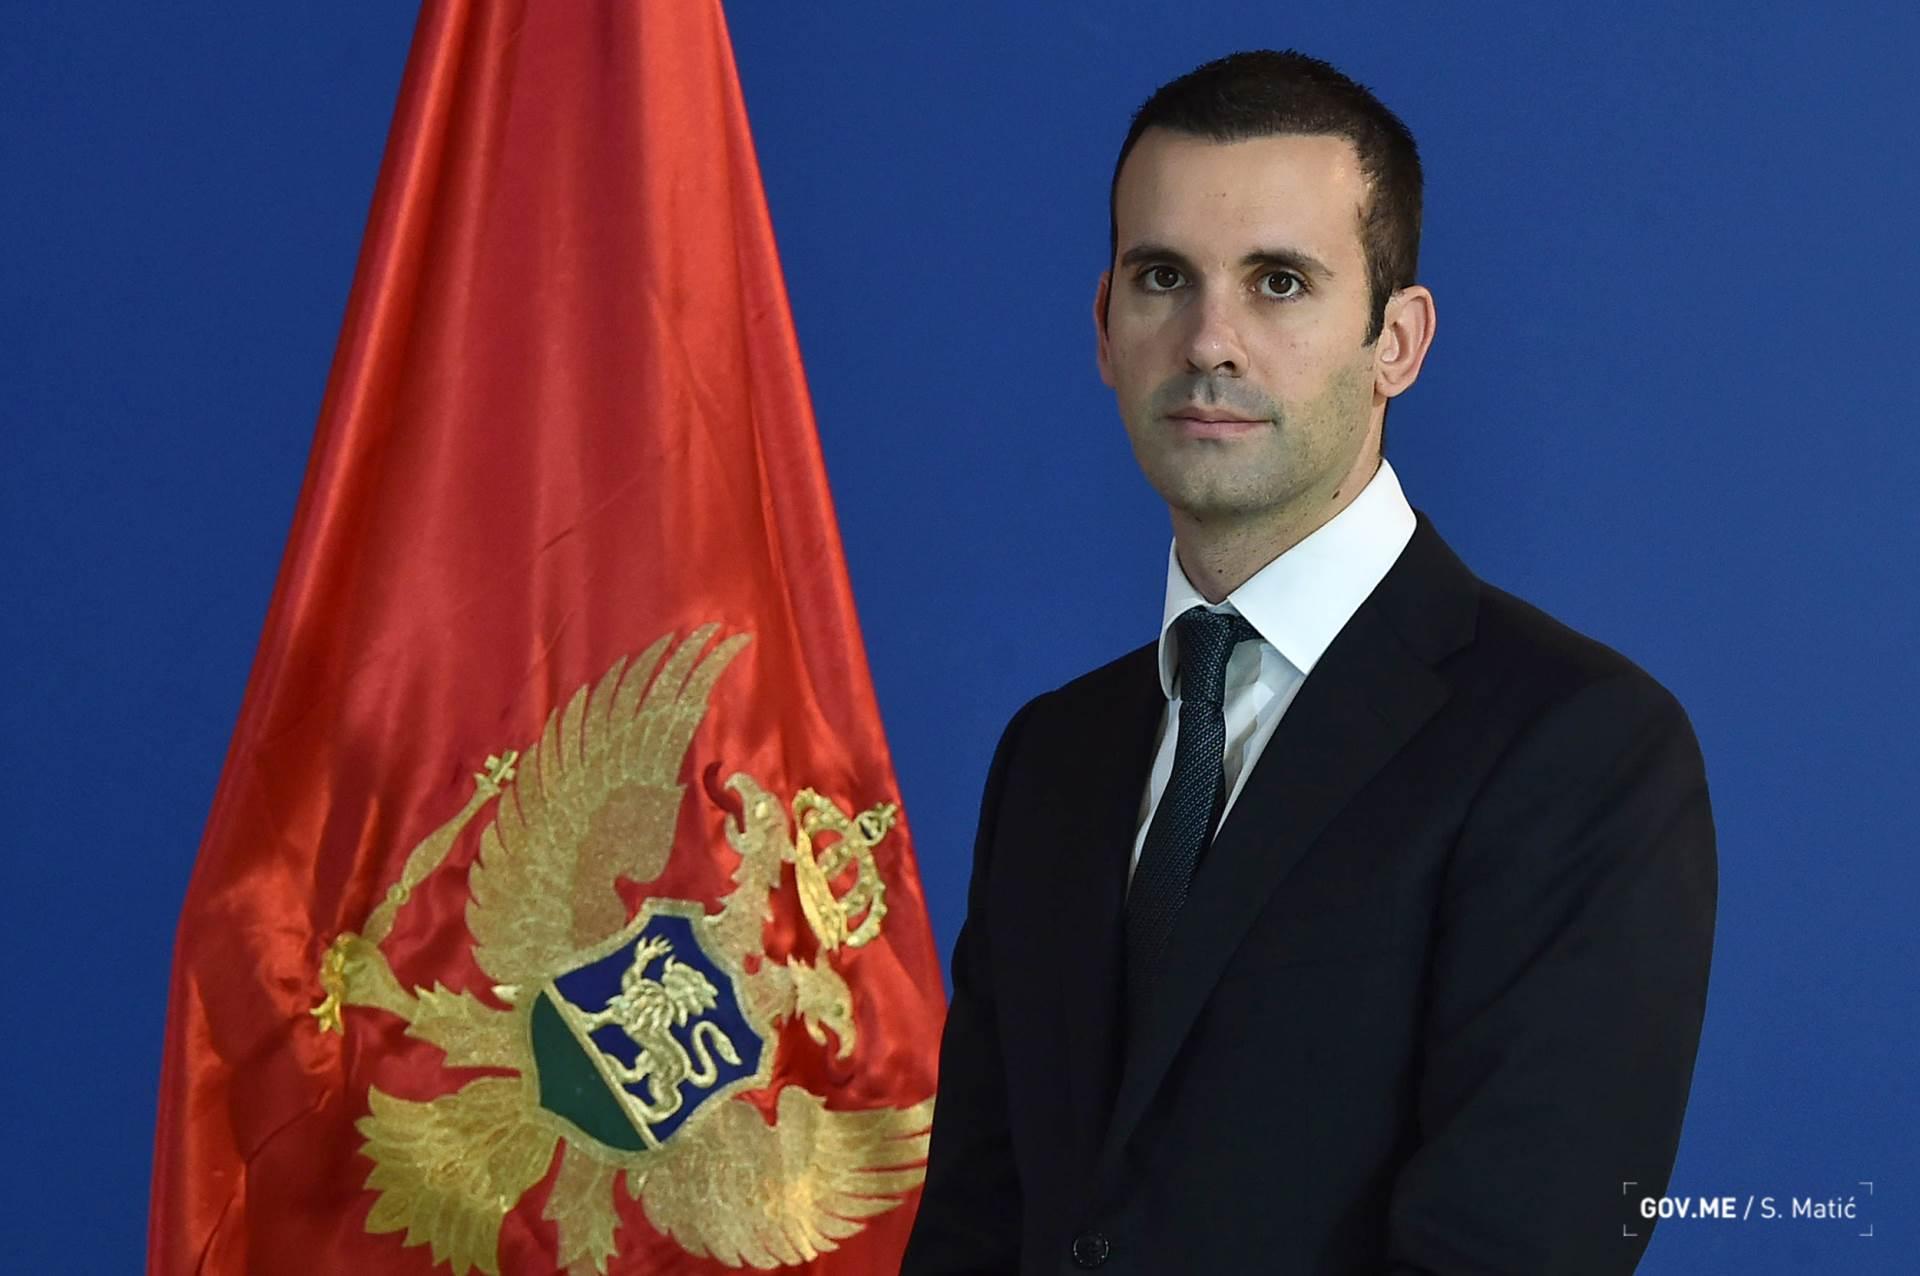 mr-milojko-spaji-ministar-finansija-i-socijalnog-staranja_50746704266_o